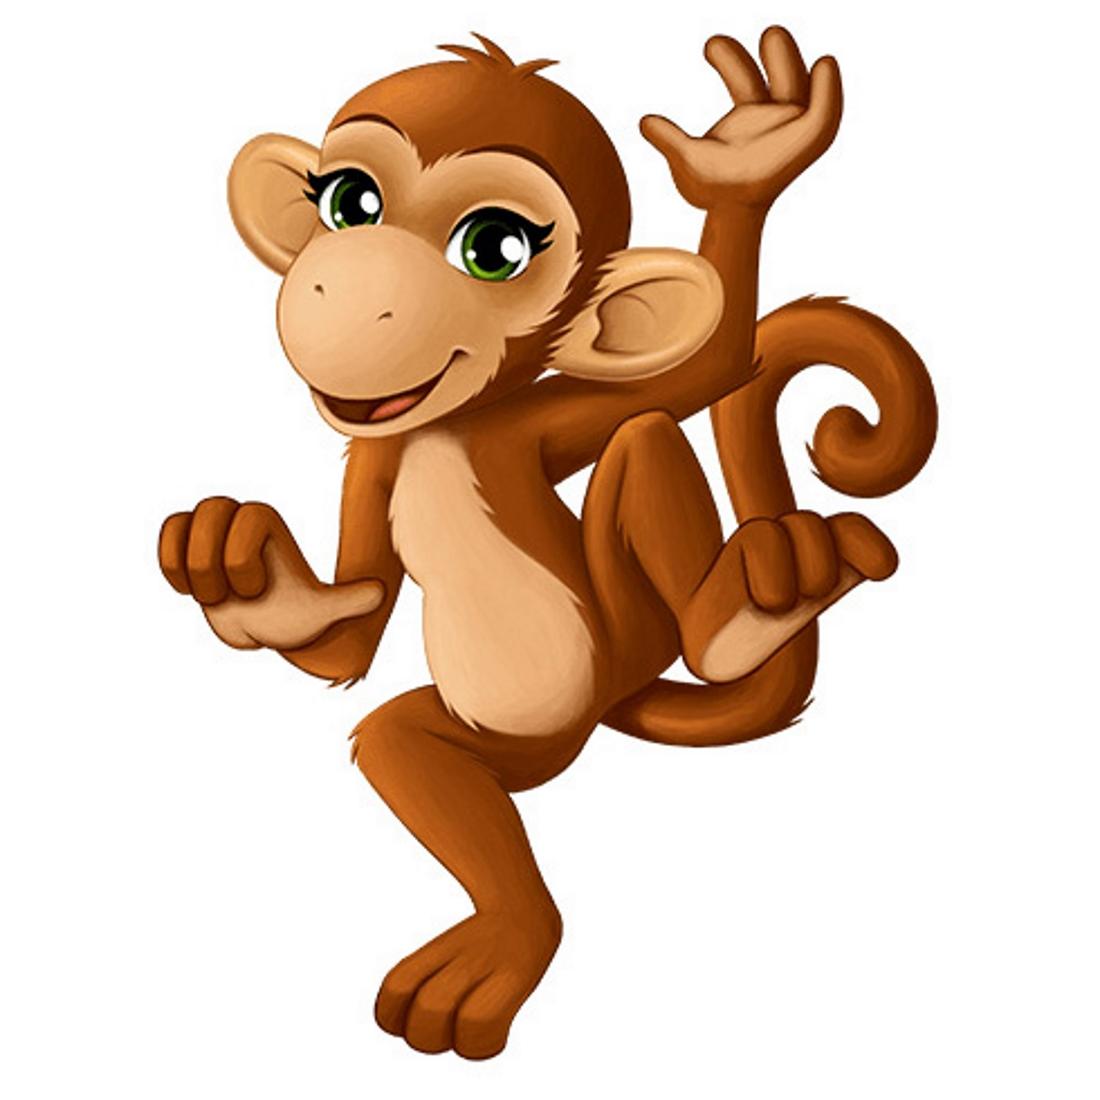 костюмы картинки для мыла обезьянки односельчанами женщина